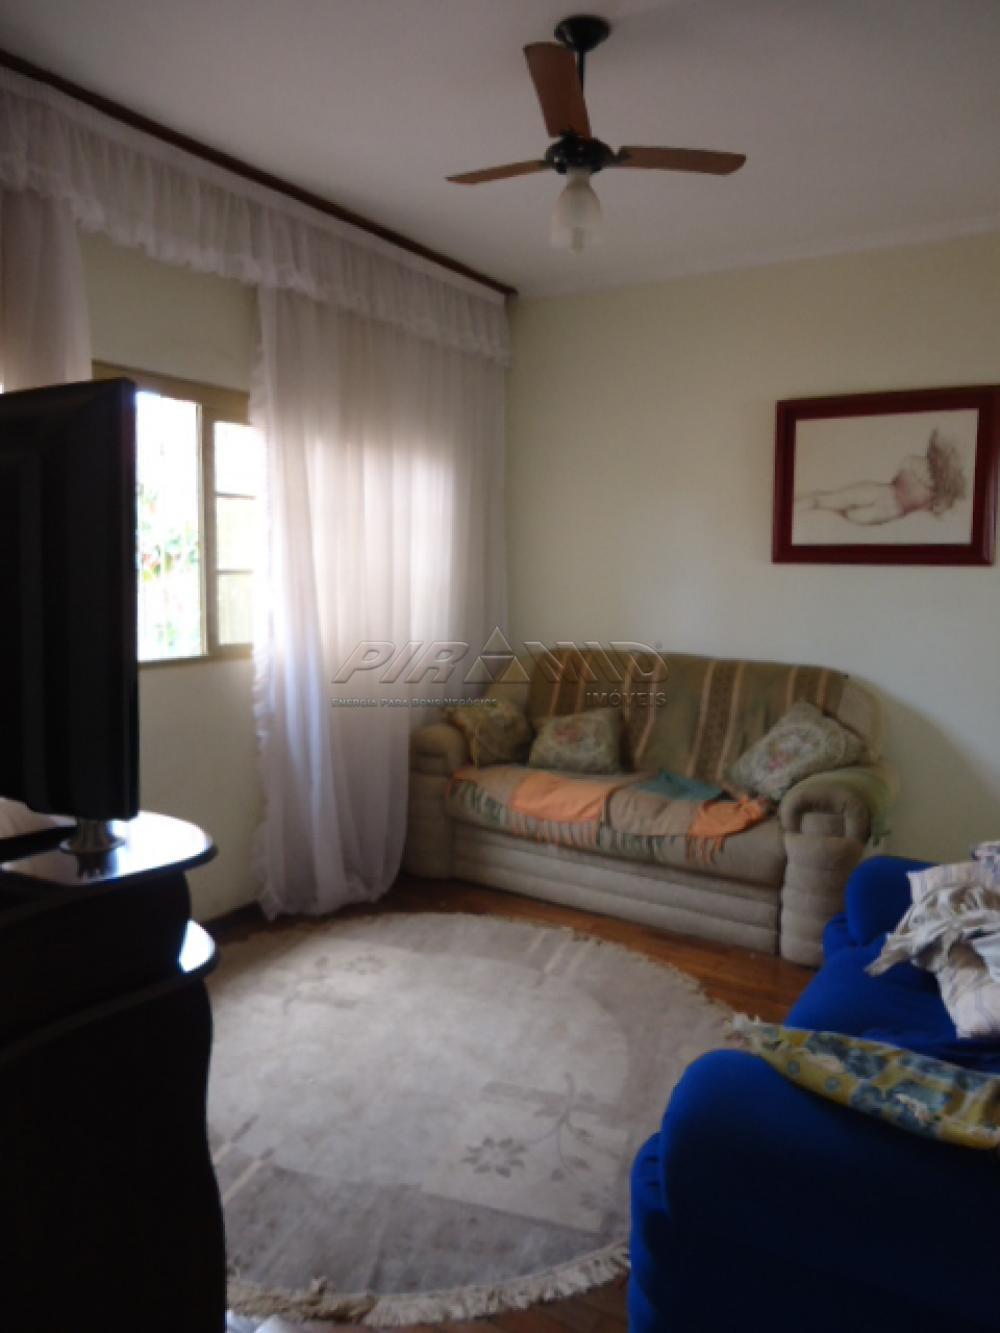 Comprar Casa / Padrão em Ribeirão Preto R$ 286.000,00 - Foto 2